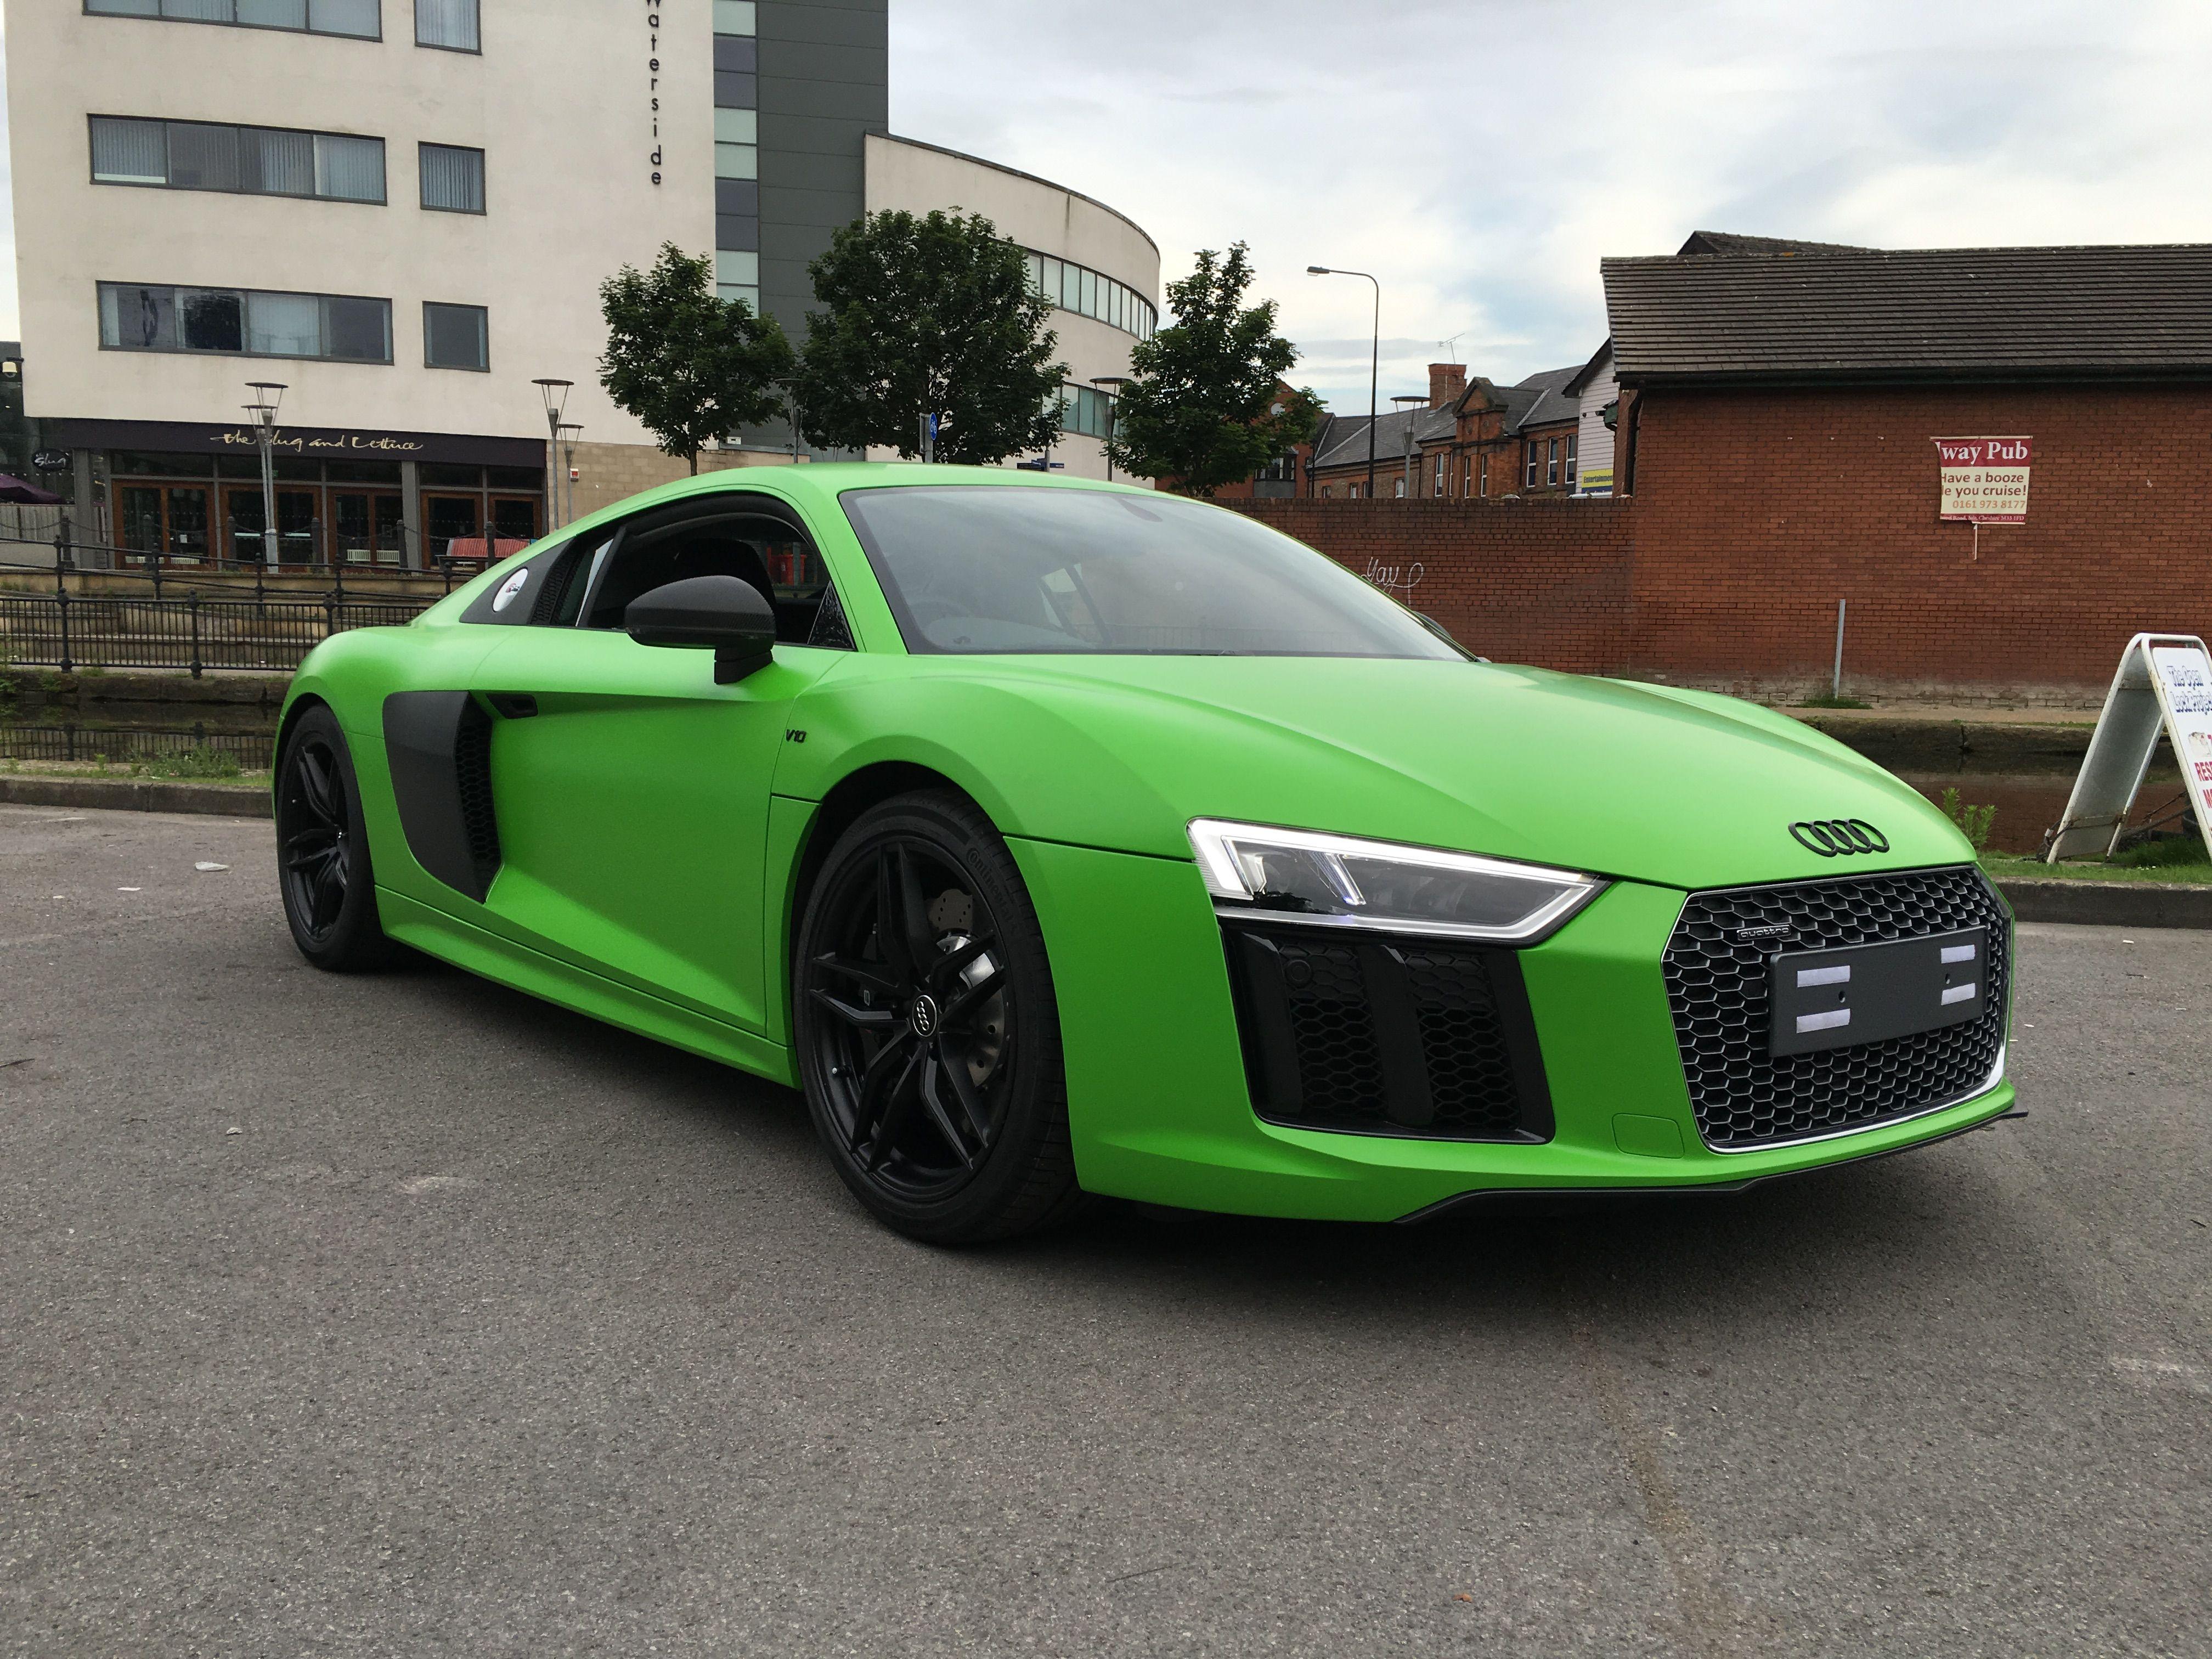 Car wrap for Stockport Audi Audi R8 v10 in 3M Satin Apple Green